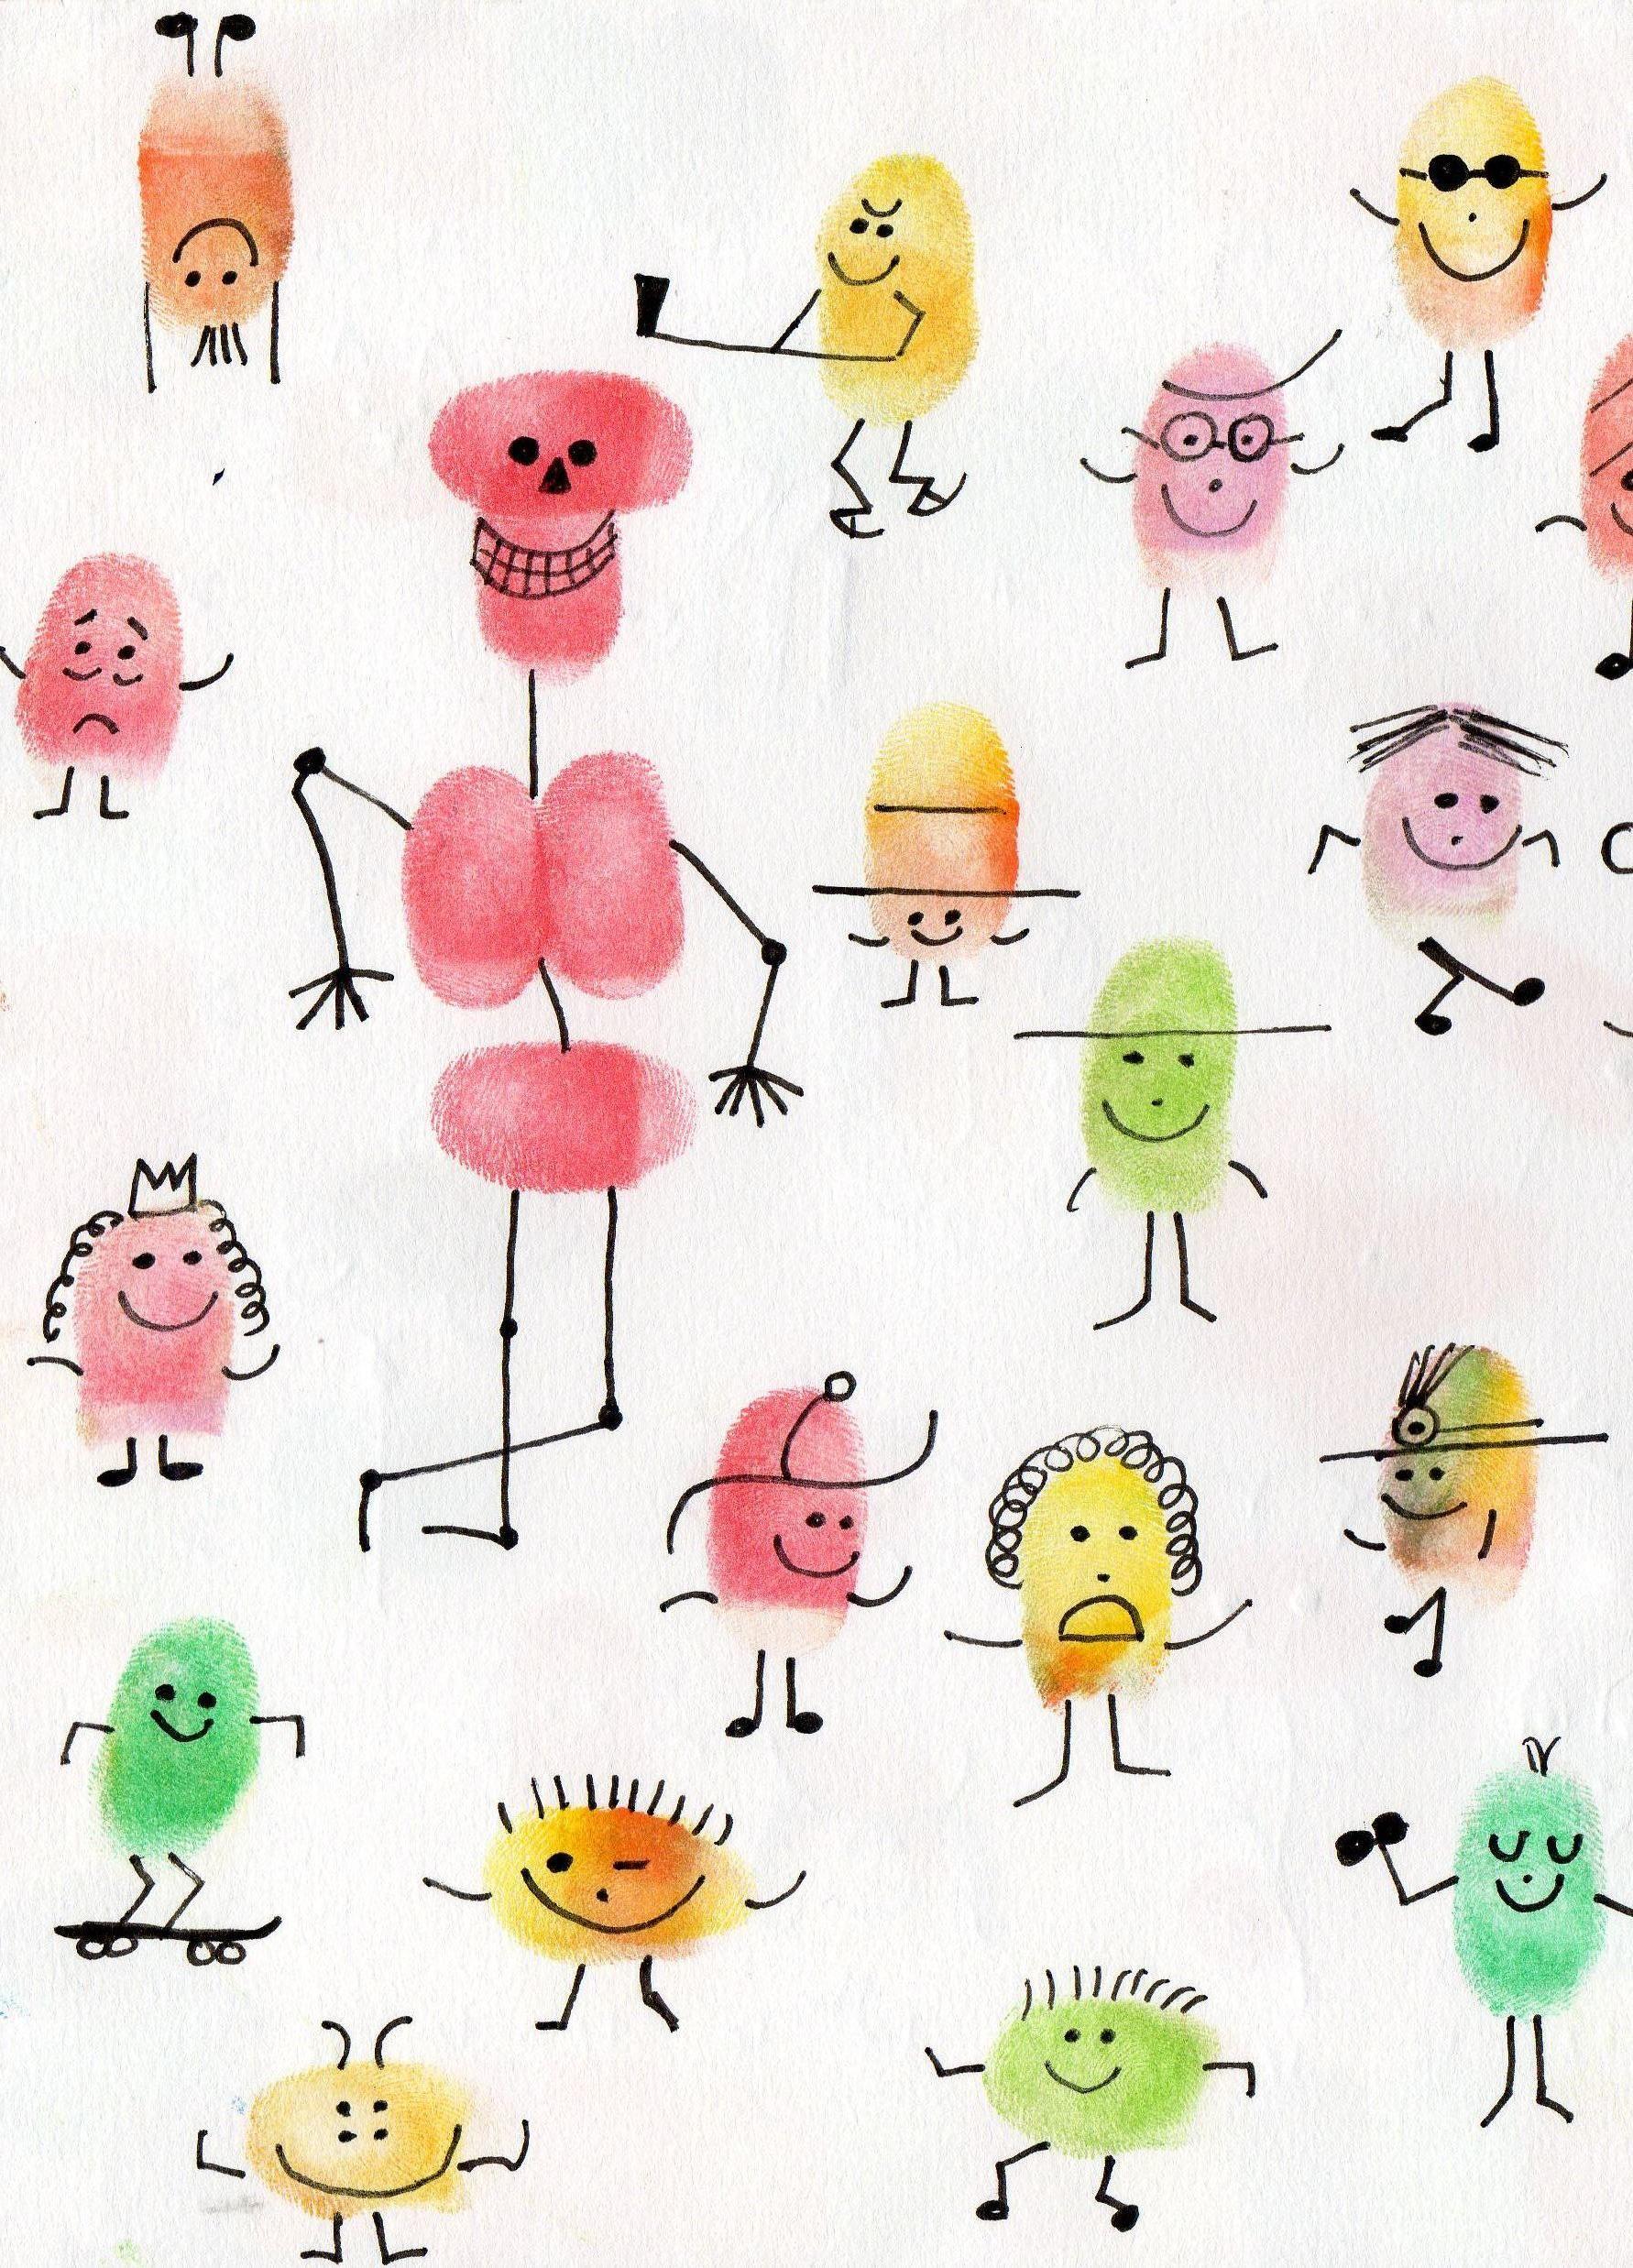 Les personnages avec les empreintes des doigts mariage pinterest empreinte les - Peinture main enfant ...